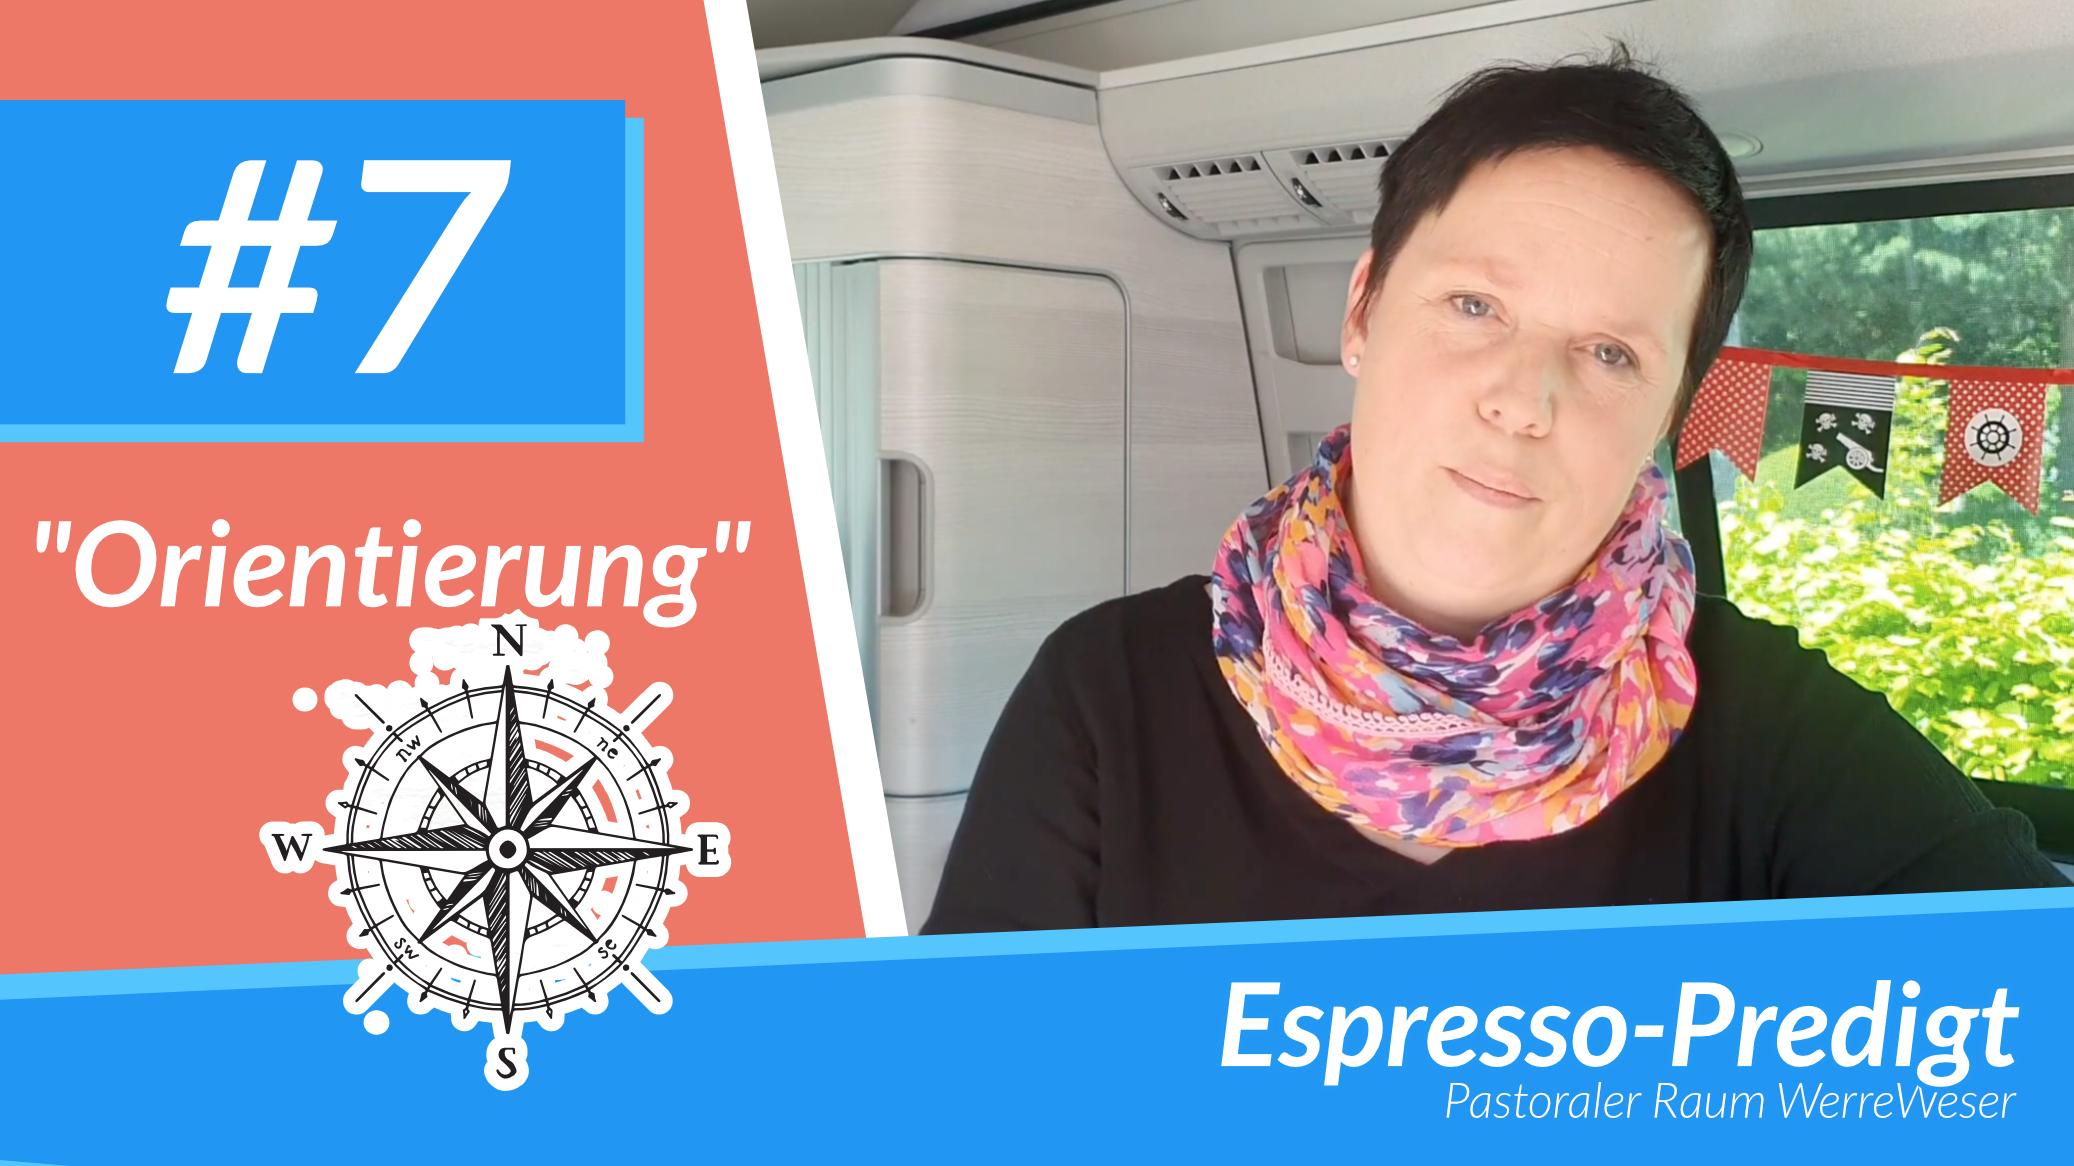 Espresso Predigt #7 - Orientierung